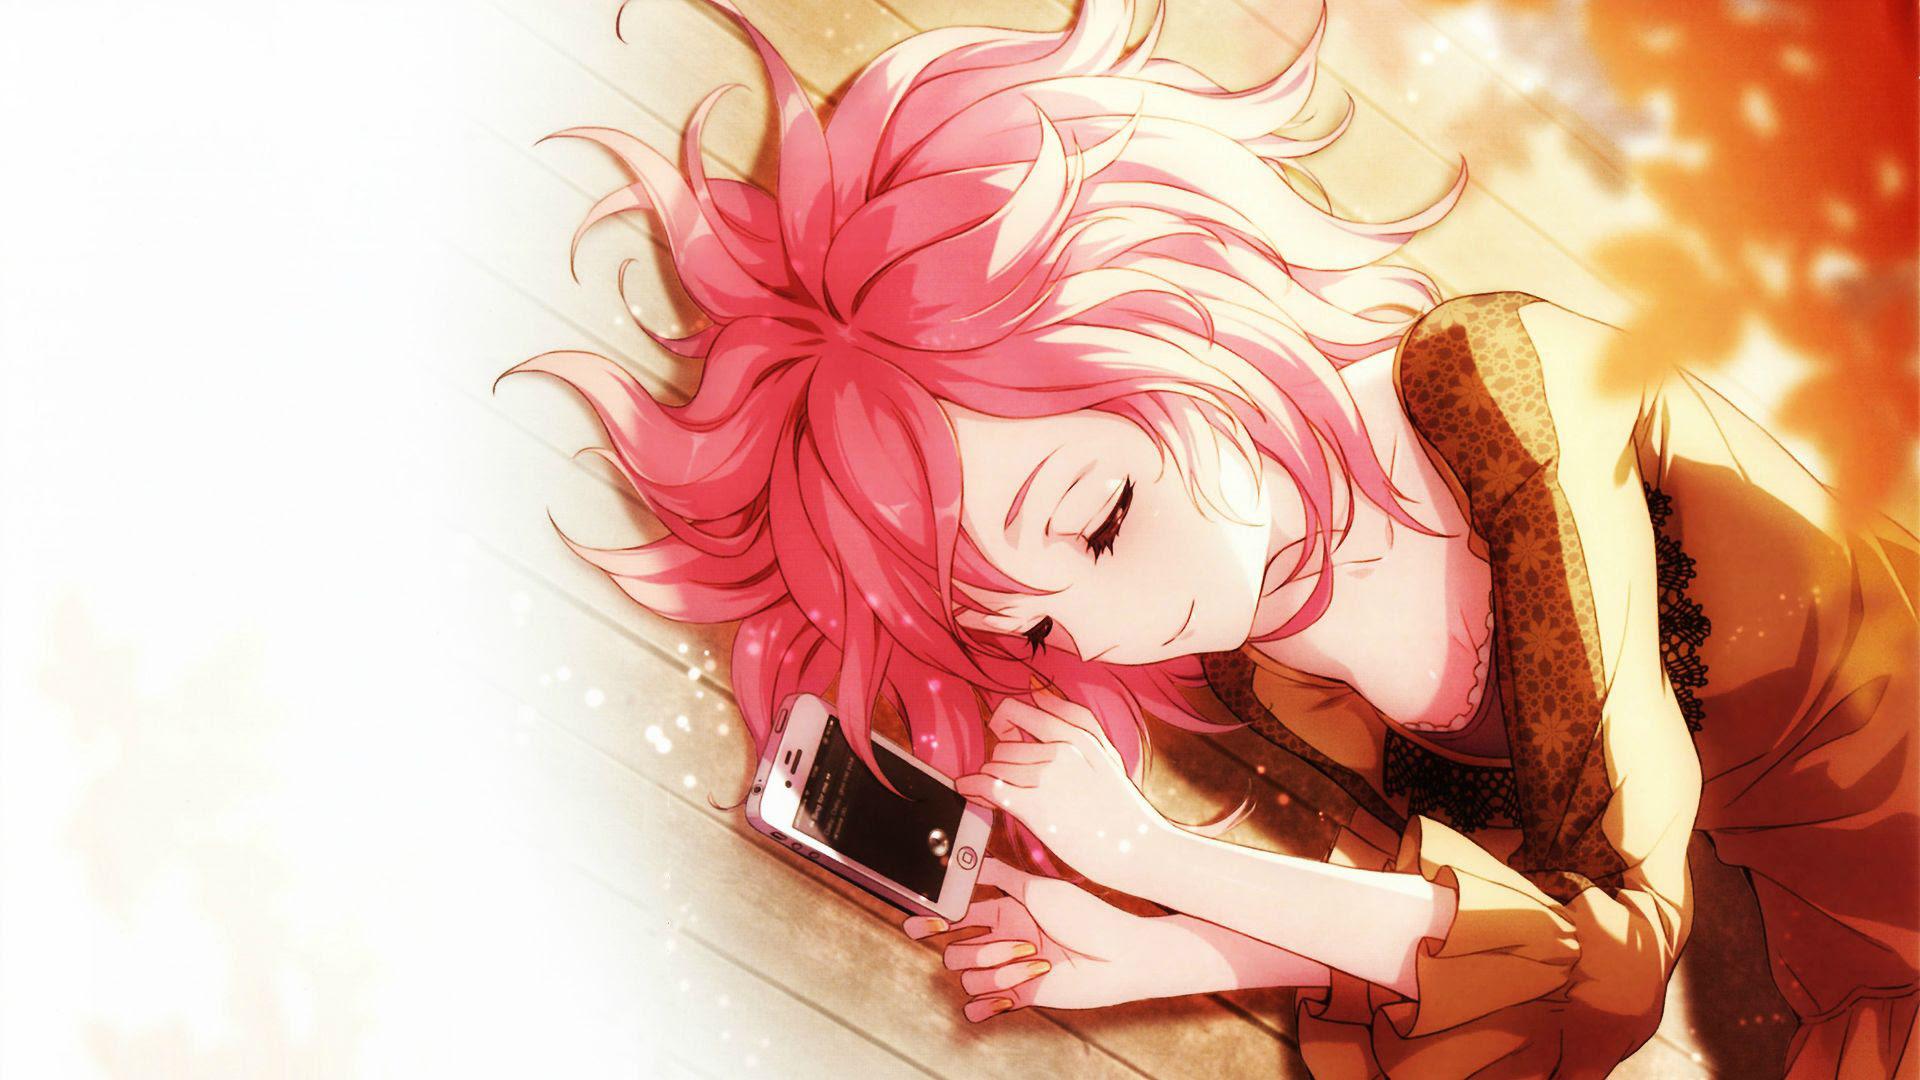 152 Anime Wallpaper